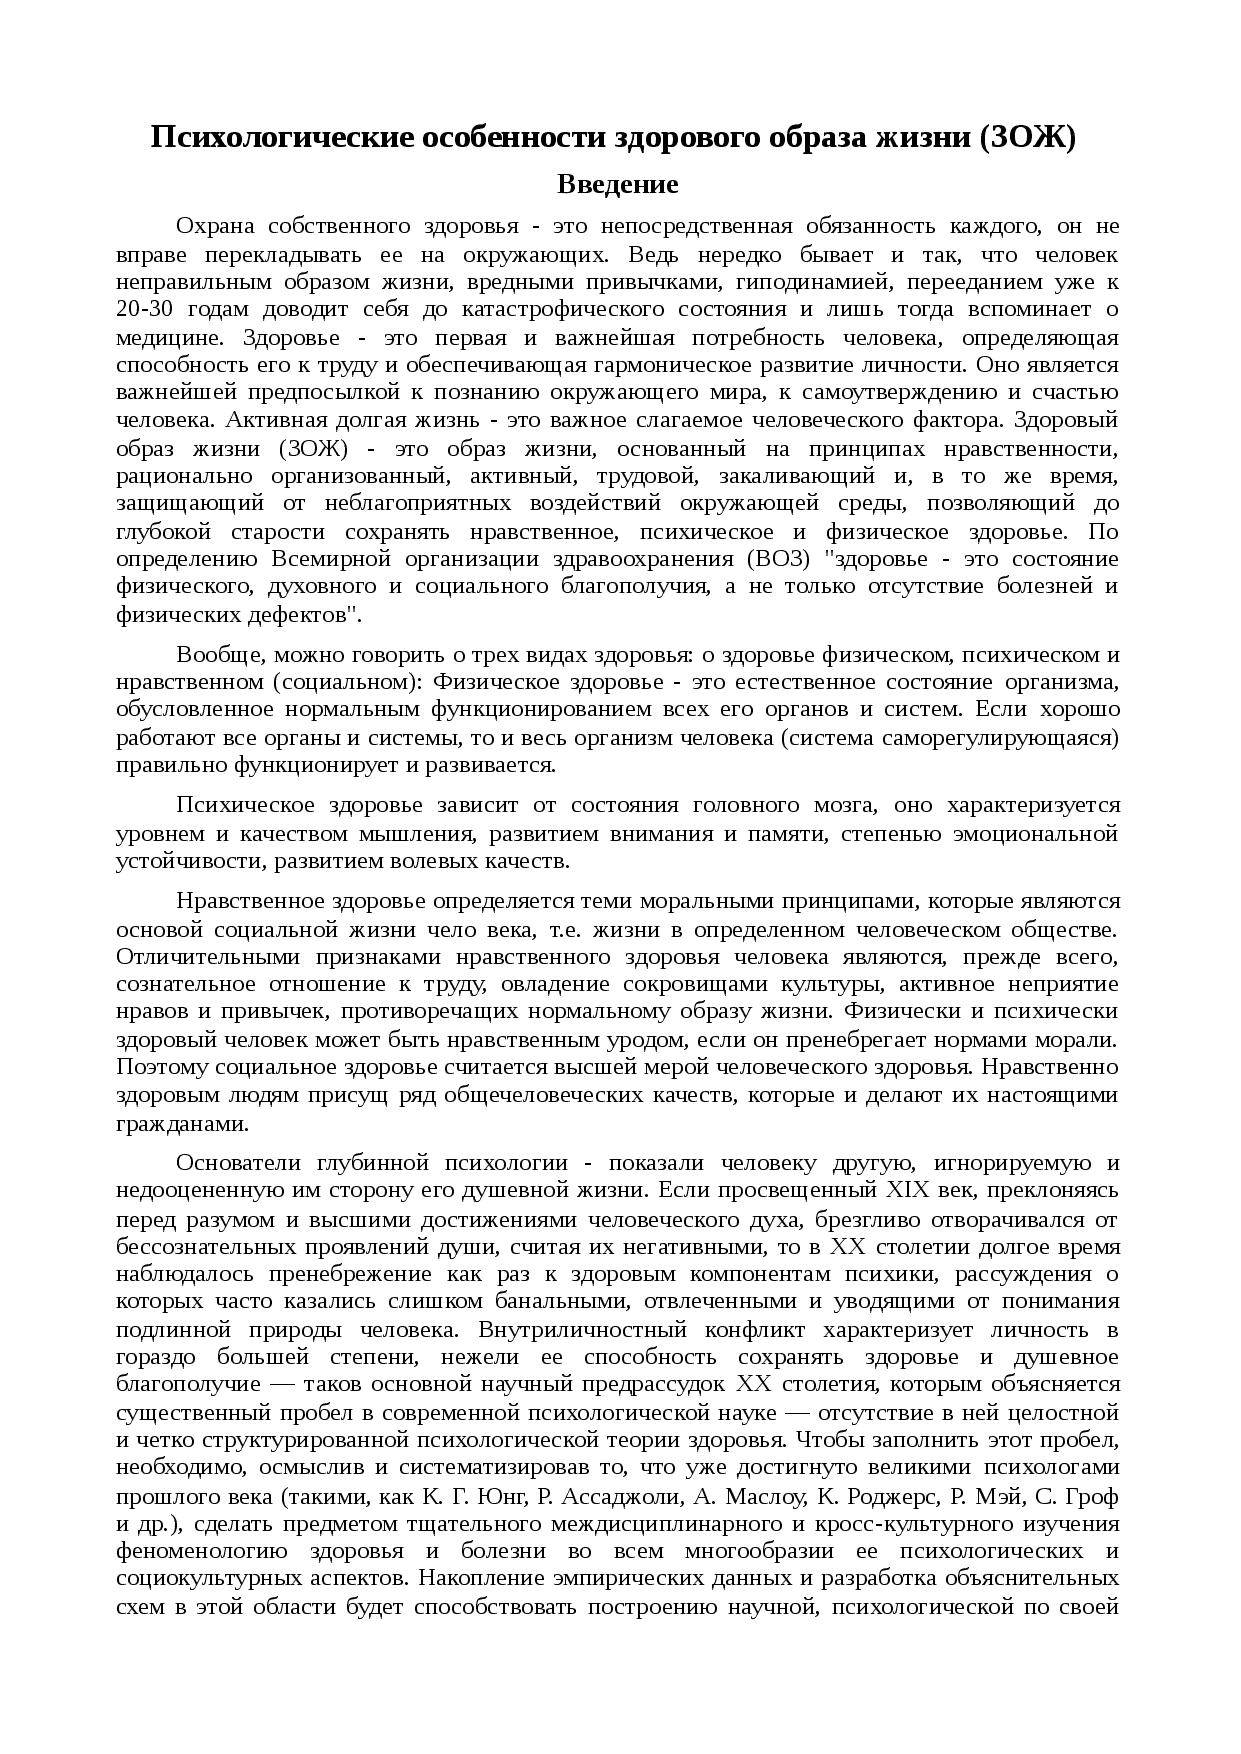 Важность психологического здоровья